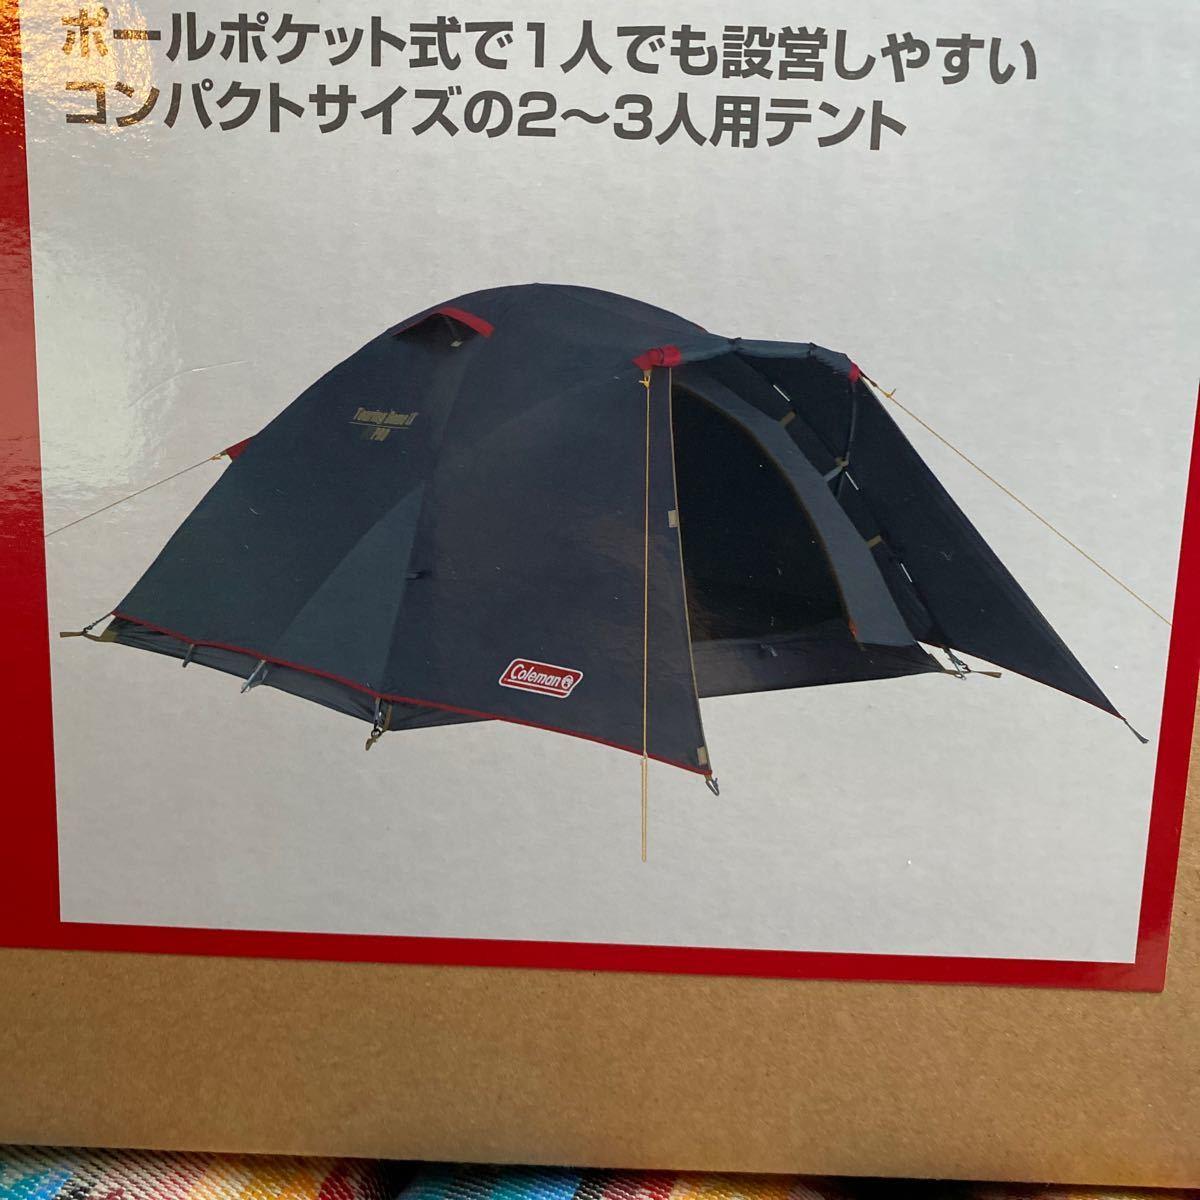 Coleman コールマン ツーリングドーム LX  グレー ソロキャンプ テント